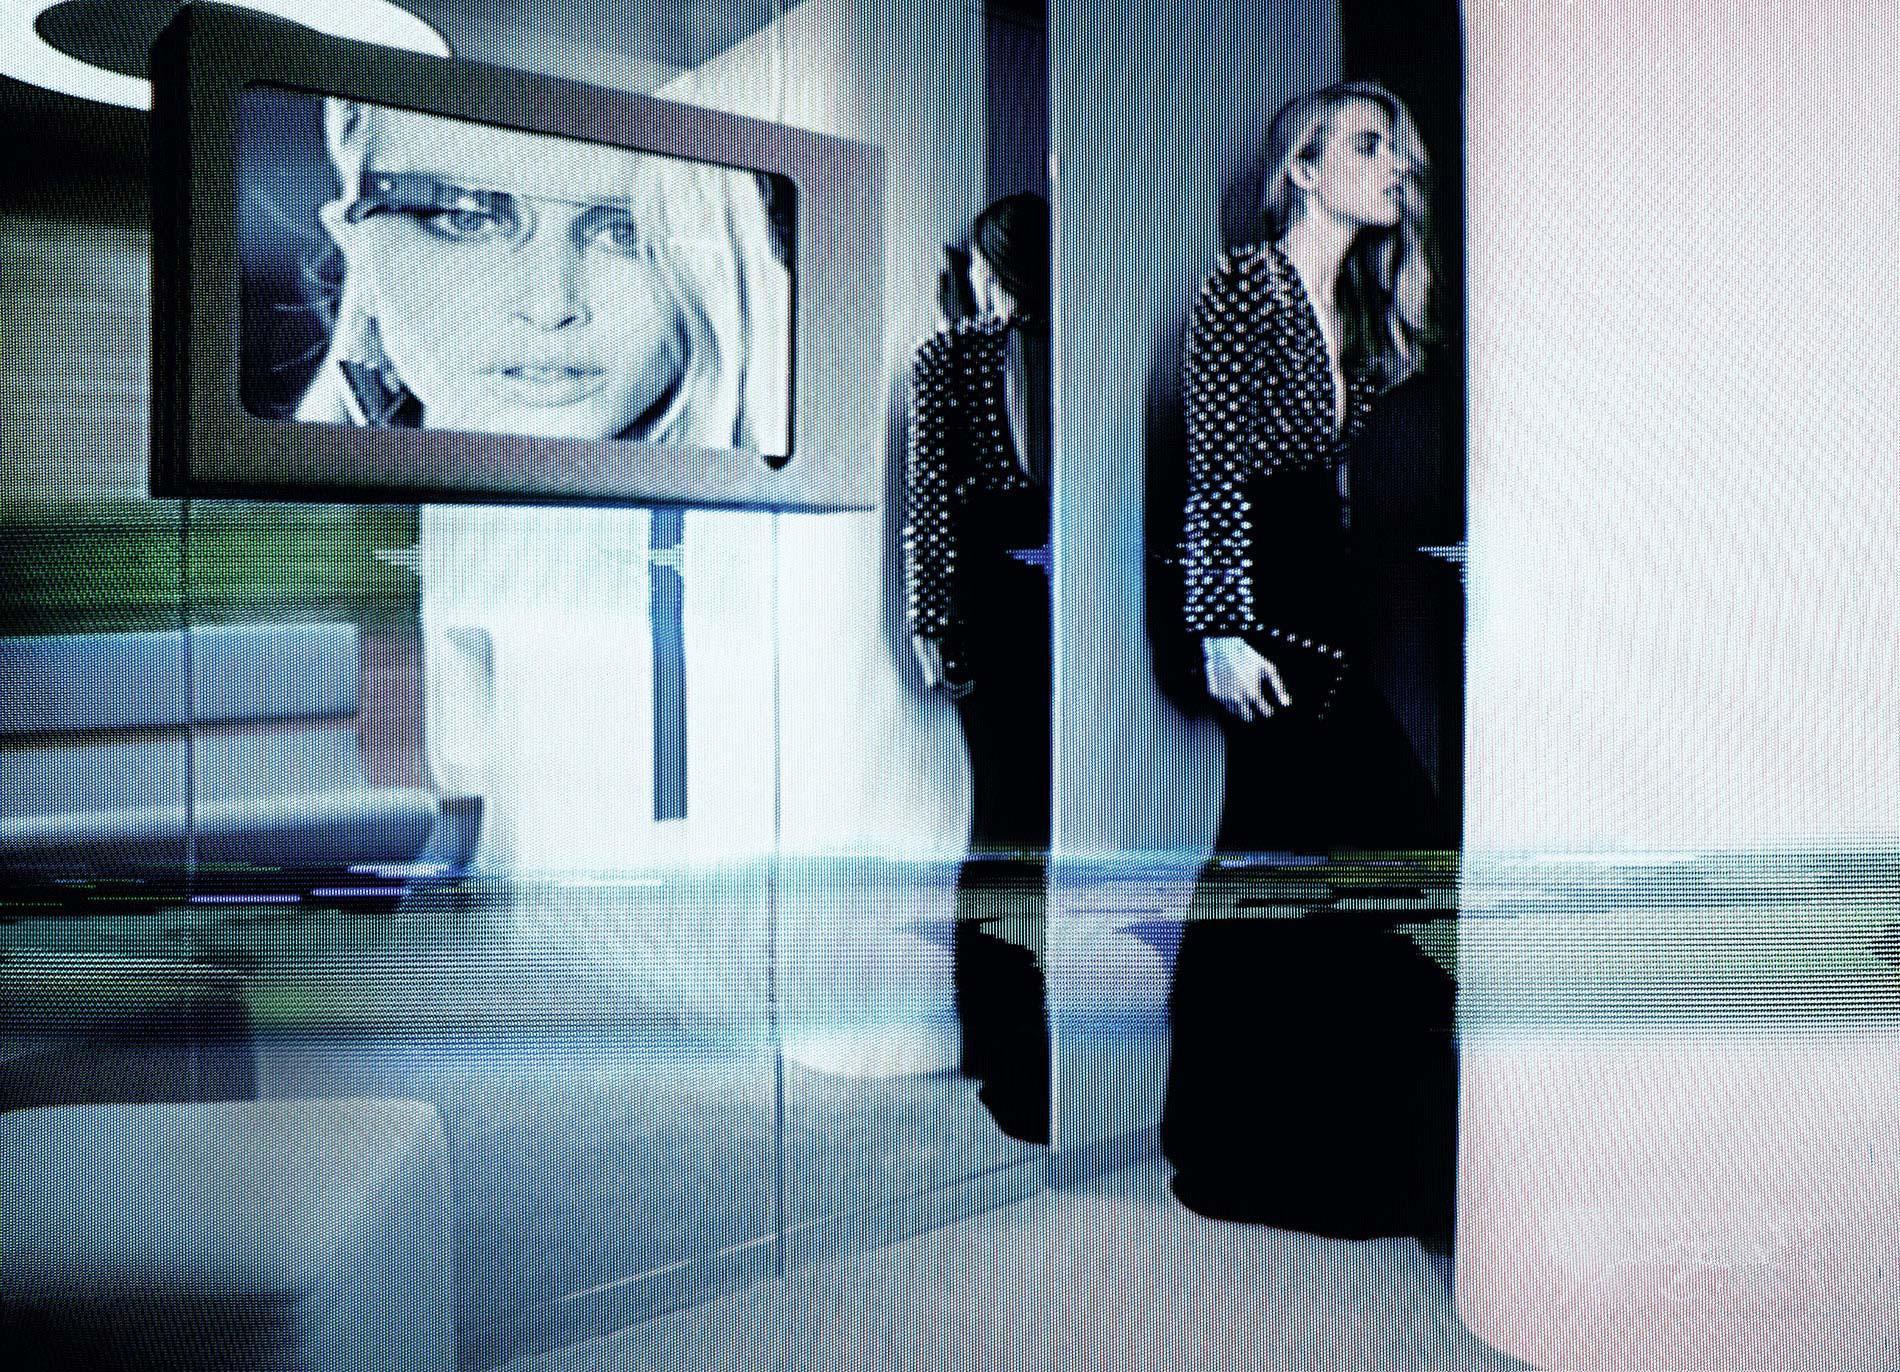 Édition Spéciale by LUXE PACK : La rencontre capitale des acteurs du packaging de luxe